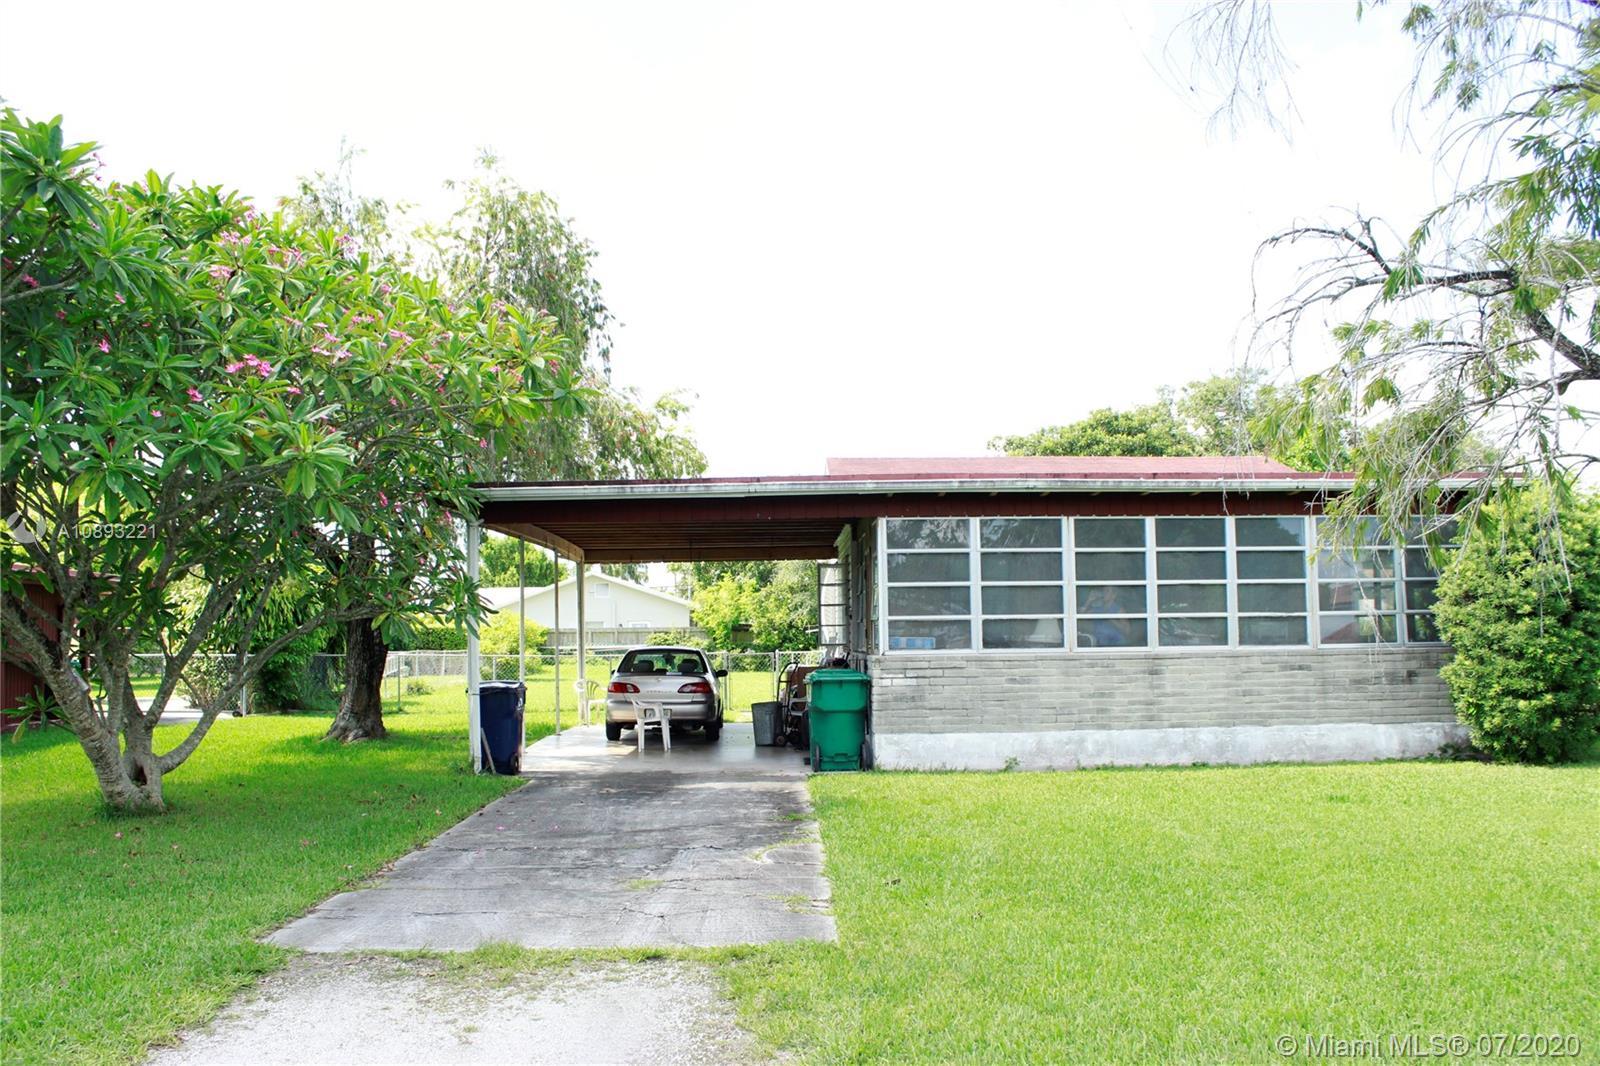 Coral Villas - 6460 SW 34th St, Miami, FL 33155